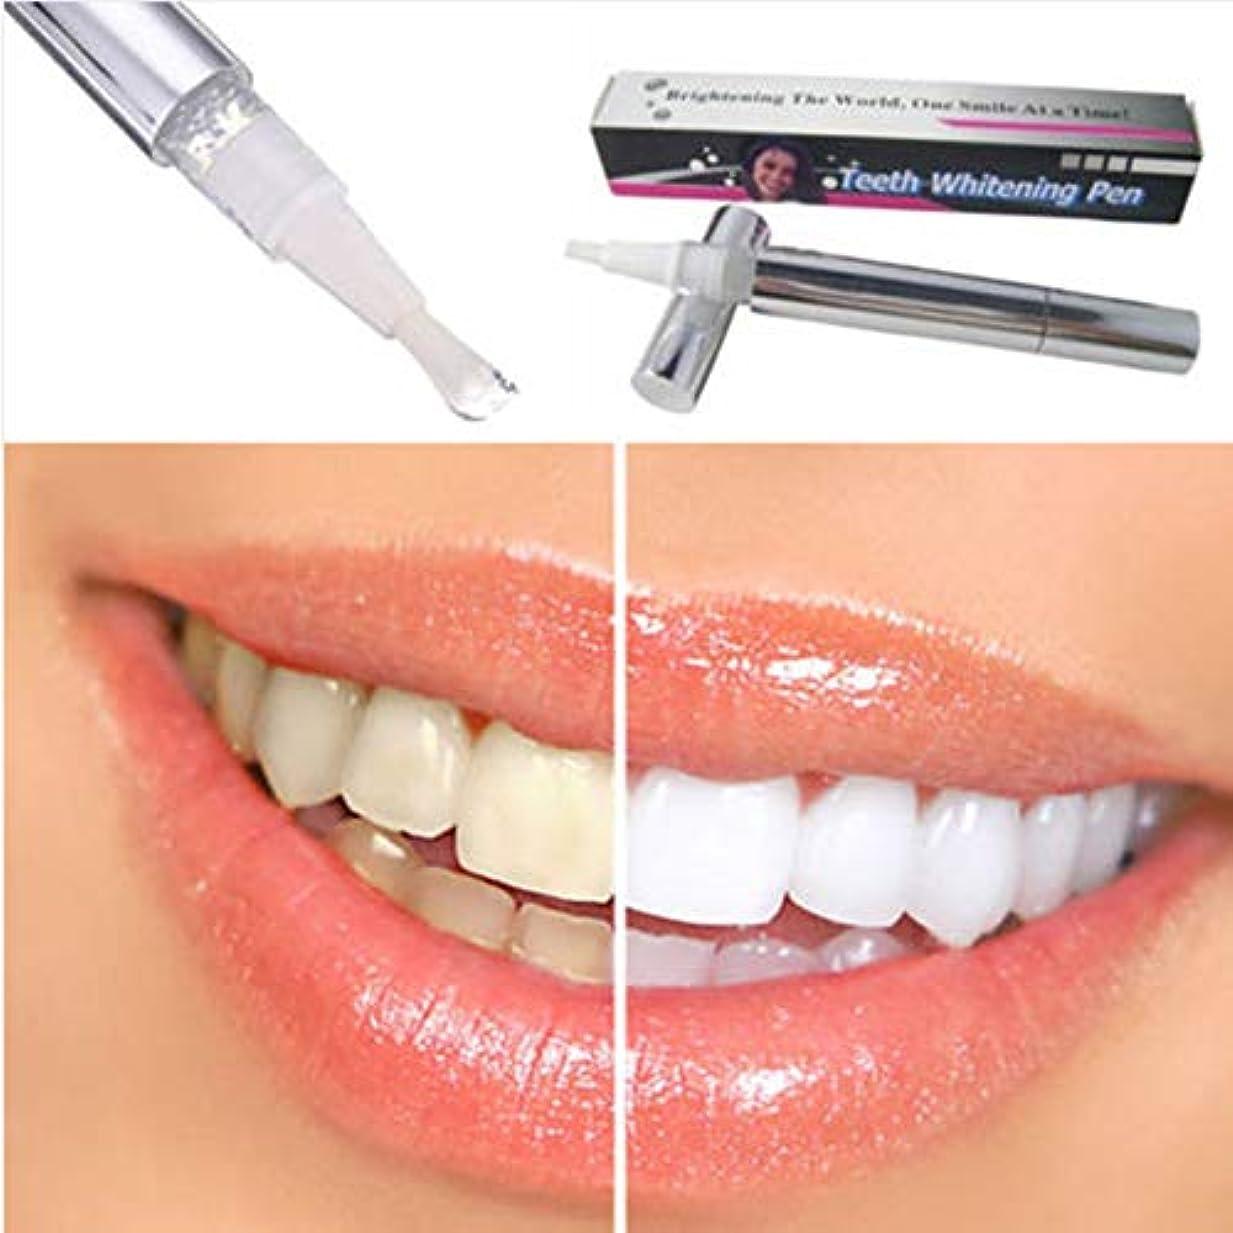 感染するエンティティユーモラスホワイトニングペン型真っ白な歯 ホワイトニングペン 歯の白い漂白剤 瞬間汚れ消しゴムリムーバー